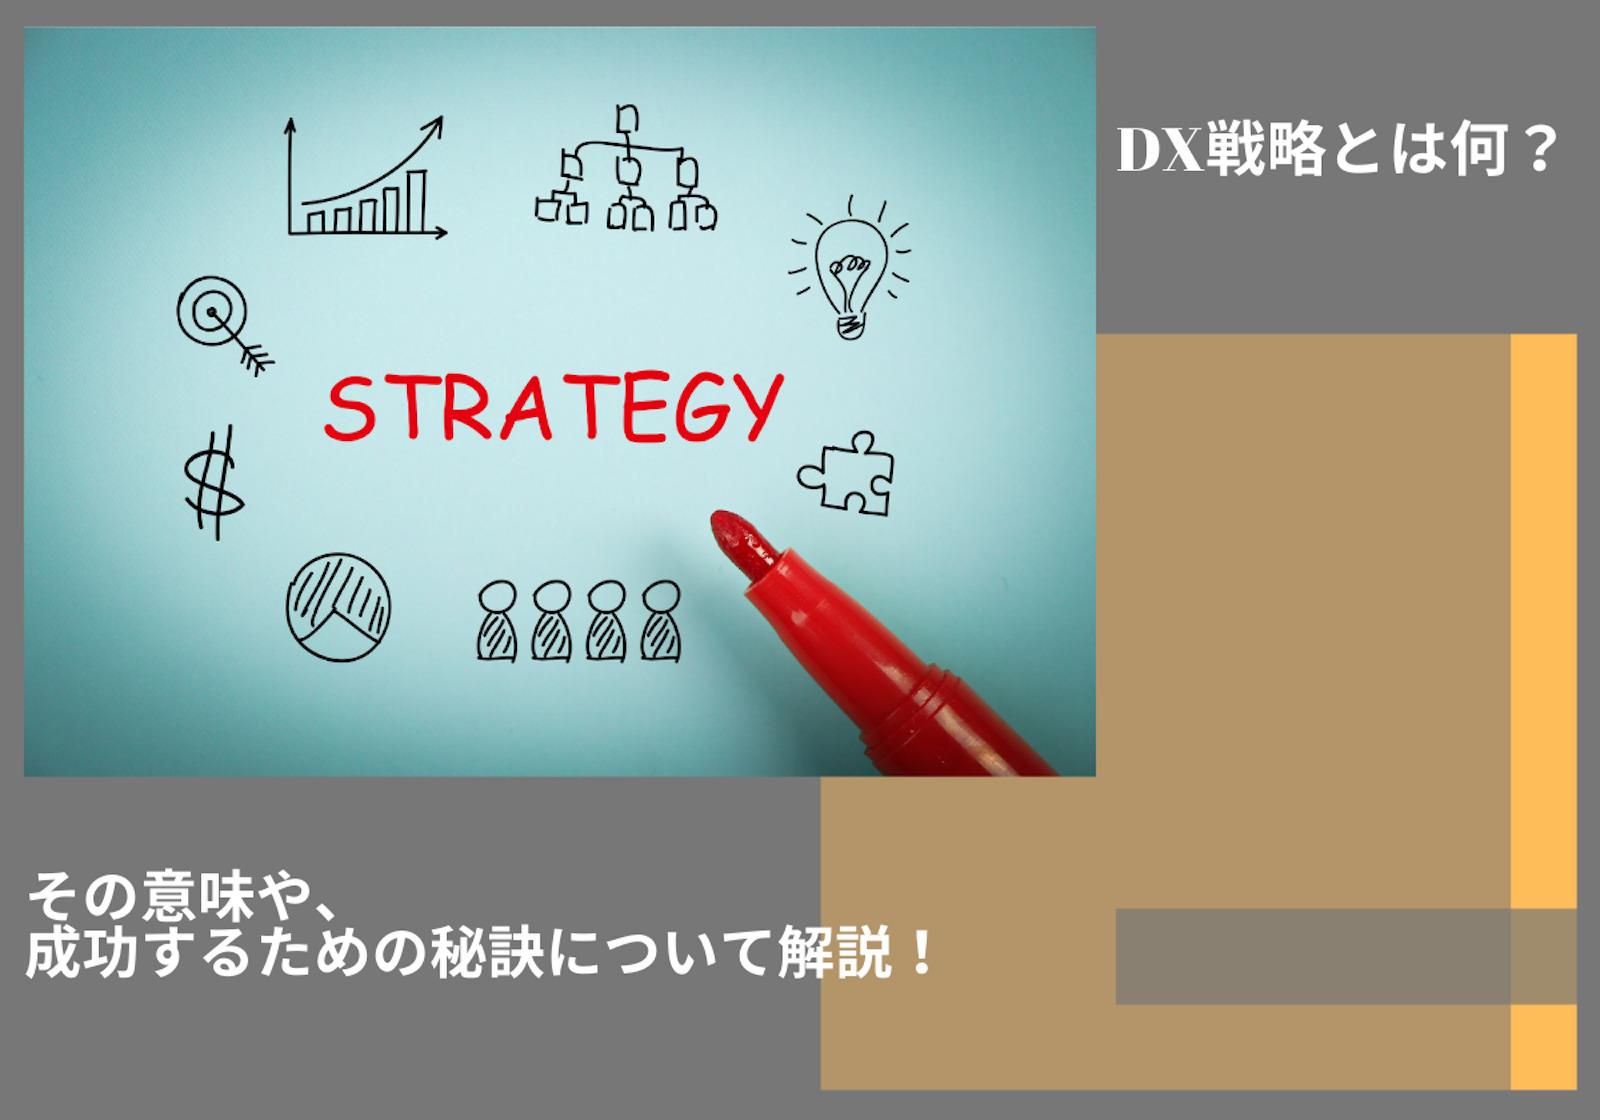 赤ペンで「STRATEGY」と書いてある画像